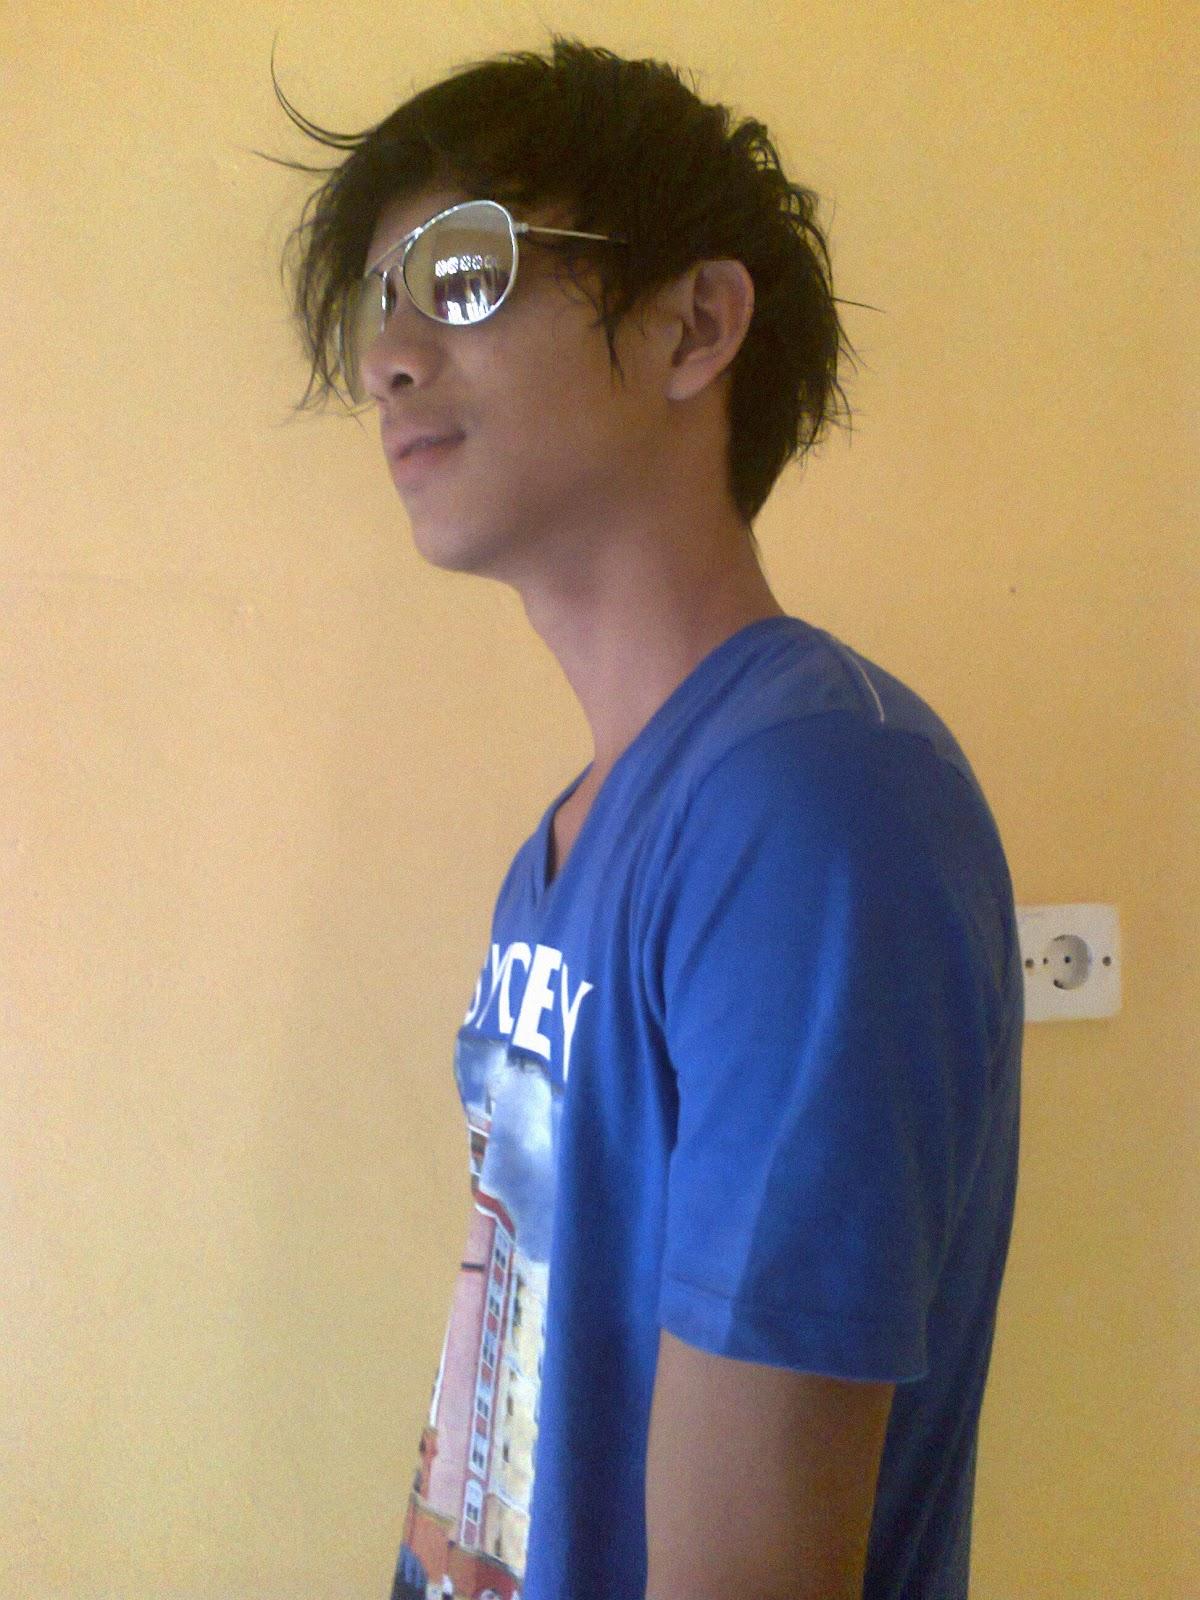 profil fb: http://www.facebook.com/yhudie.akatshukhy